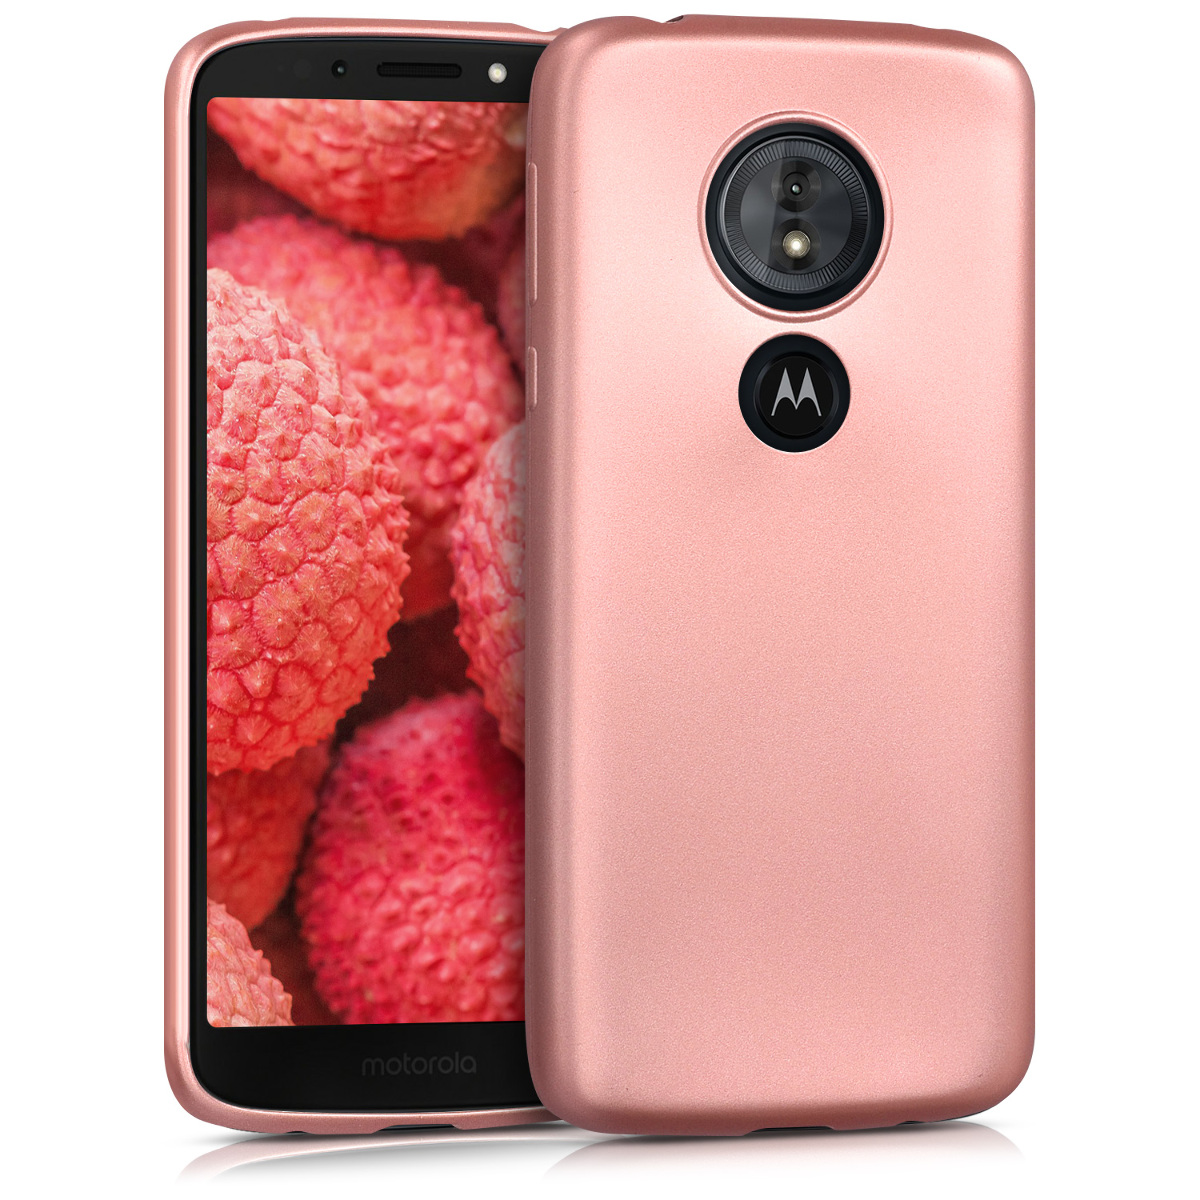 KW Θήκη Σιλικόνης Motorola Moto G6 Play - Metallic Rose Gold (44622.31)